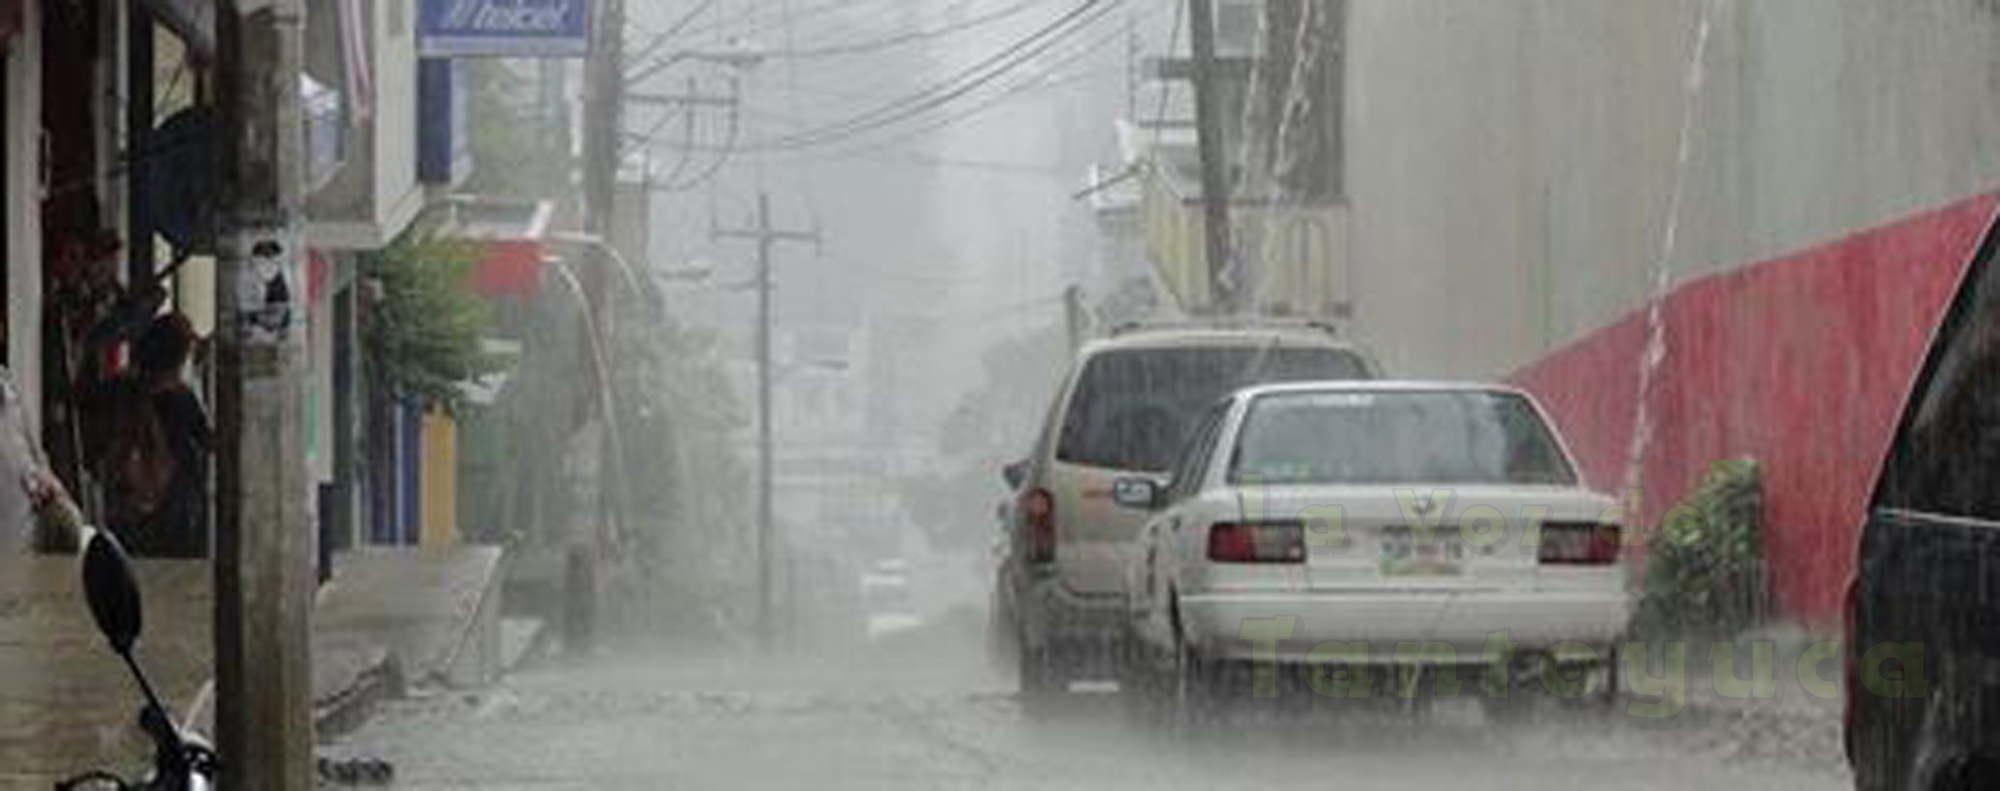 Escorts zona norte en Veracruz Putas zona norte en